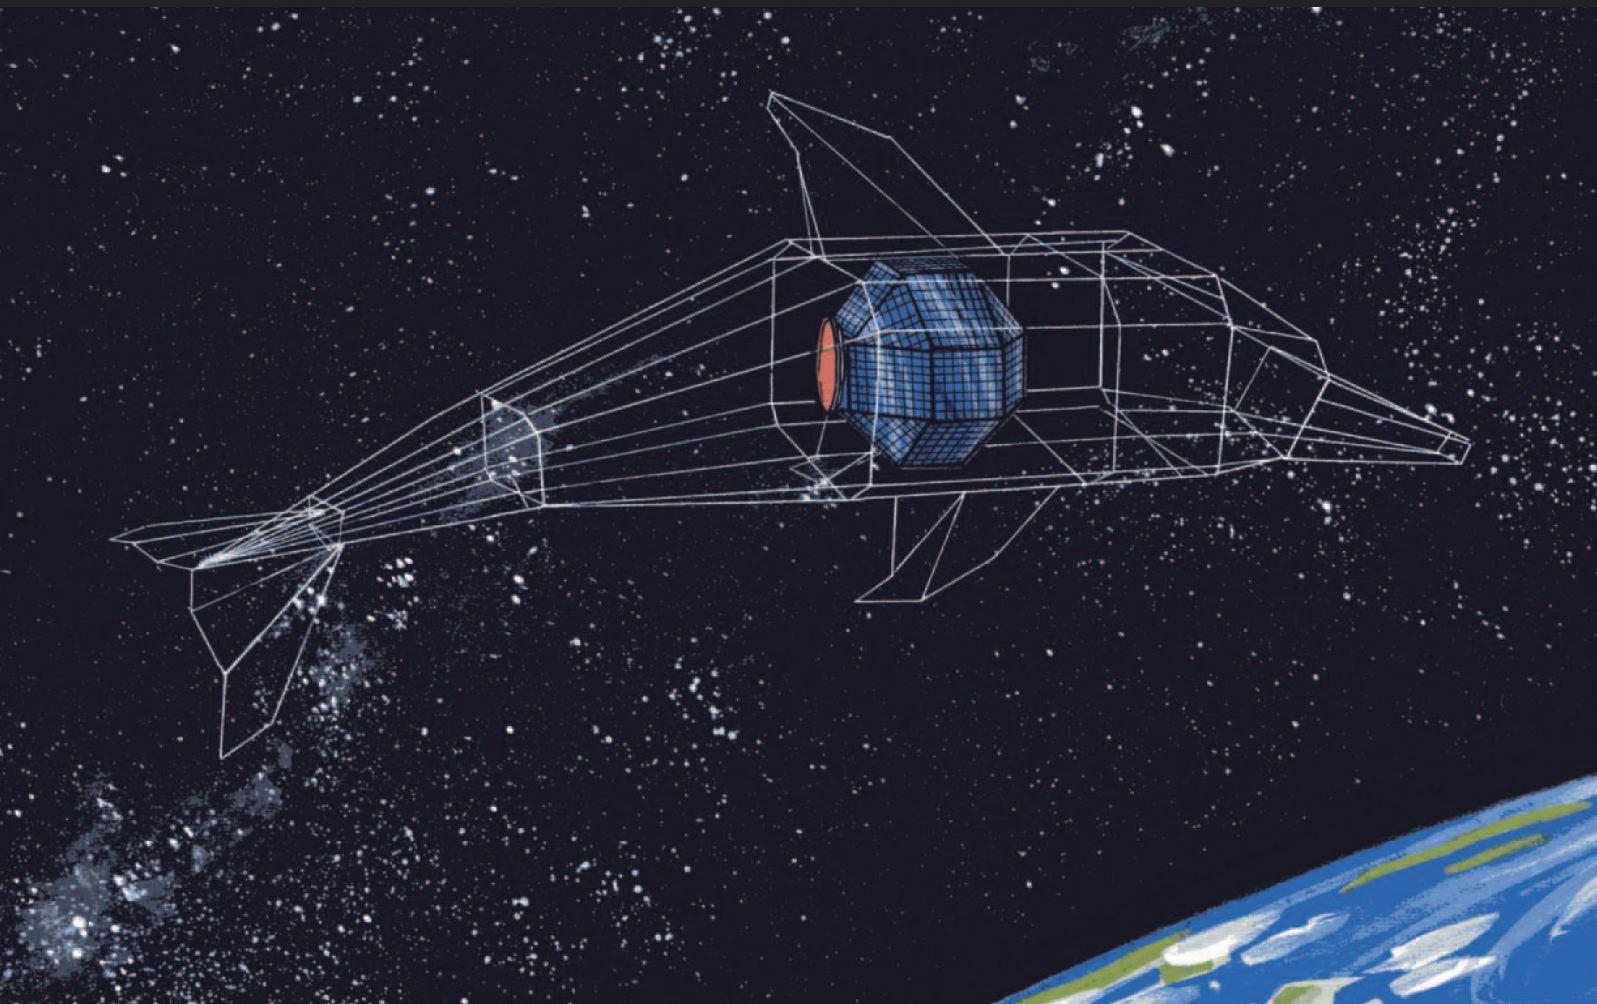 Space exploration essay title